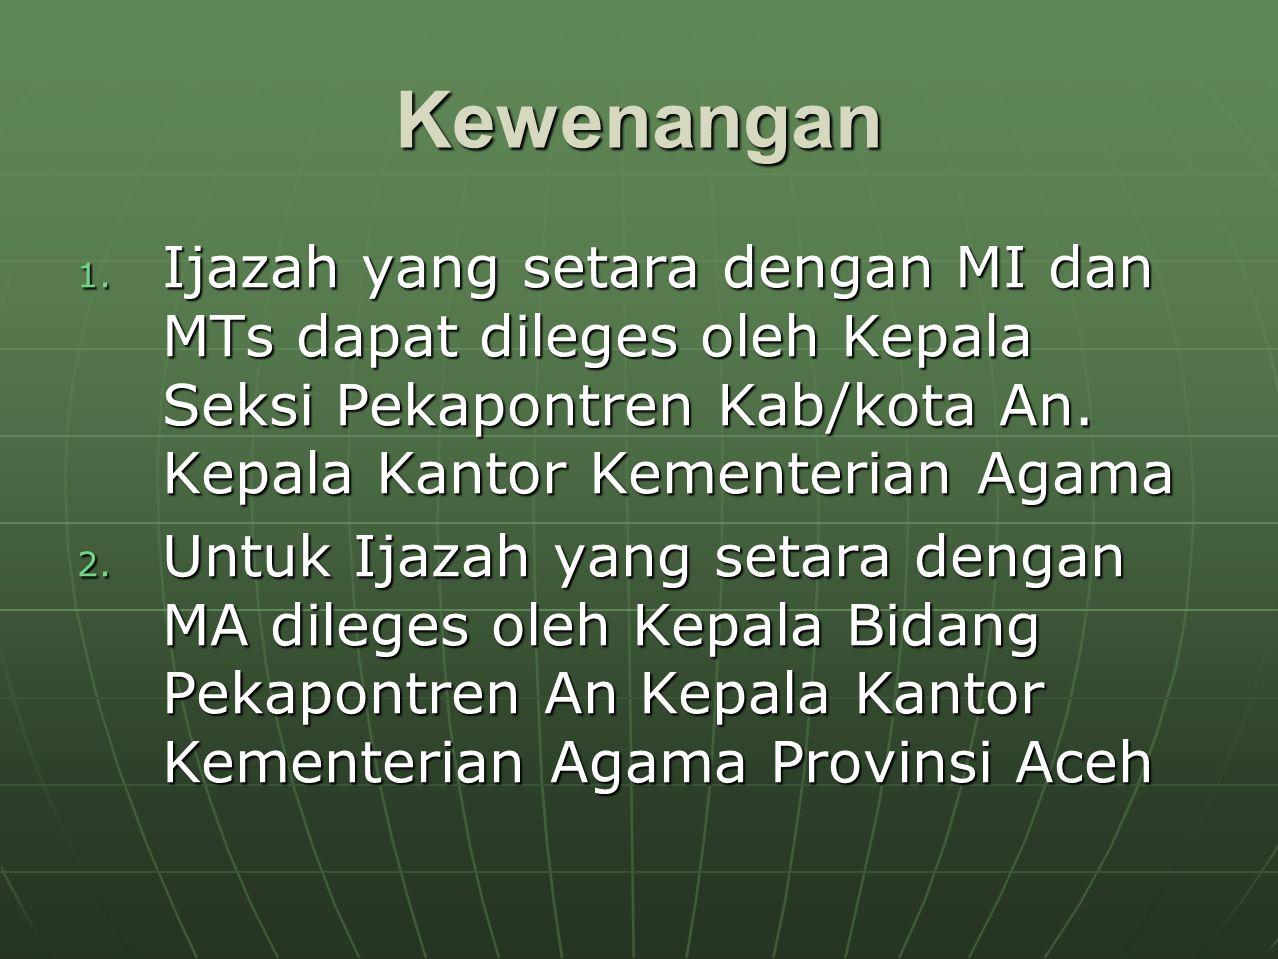 Kewenangan 1. Ijazah yang setara dengan MI dan MTs dapat dileges oleh Kepala Seksi Pekapontren Kab/kota An. Kepala Kantor Kementerian Agama 2. Untuk I